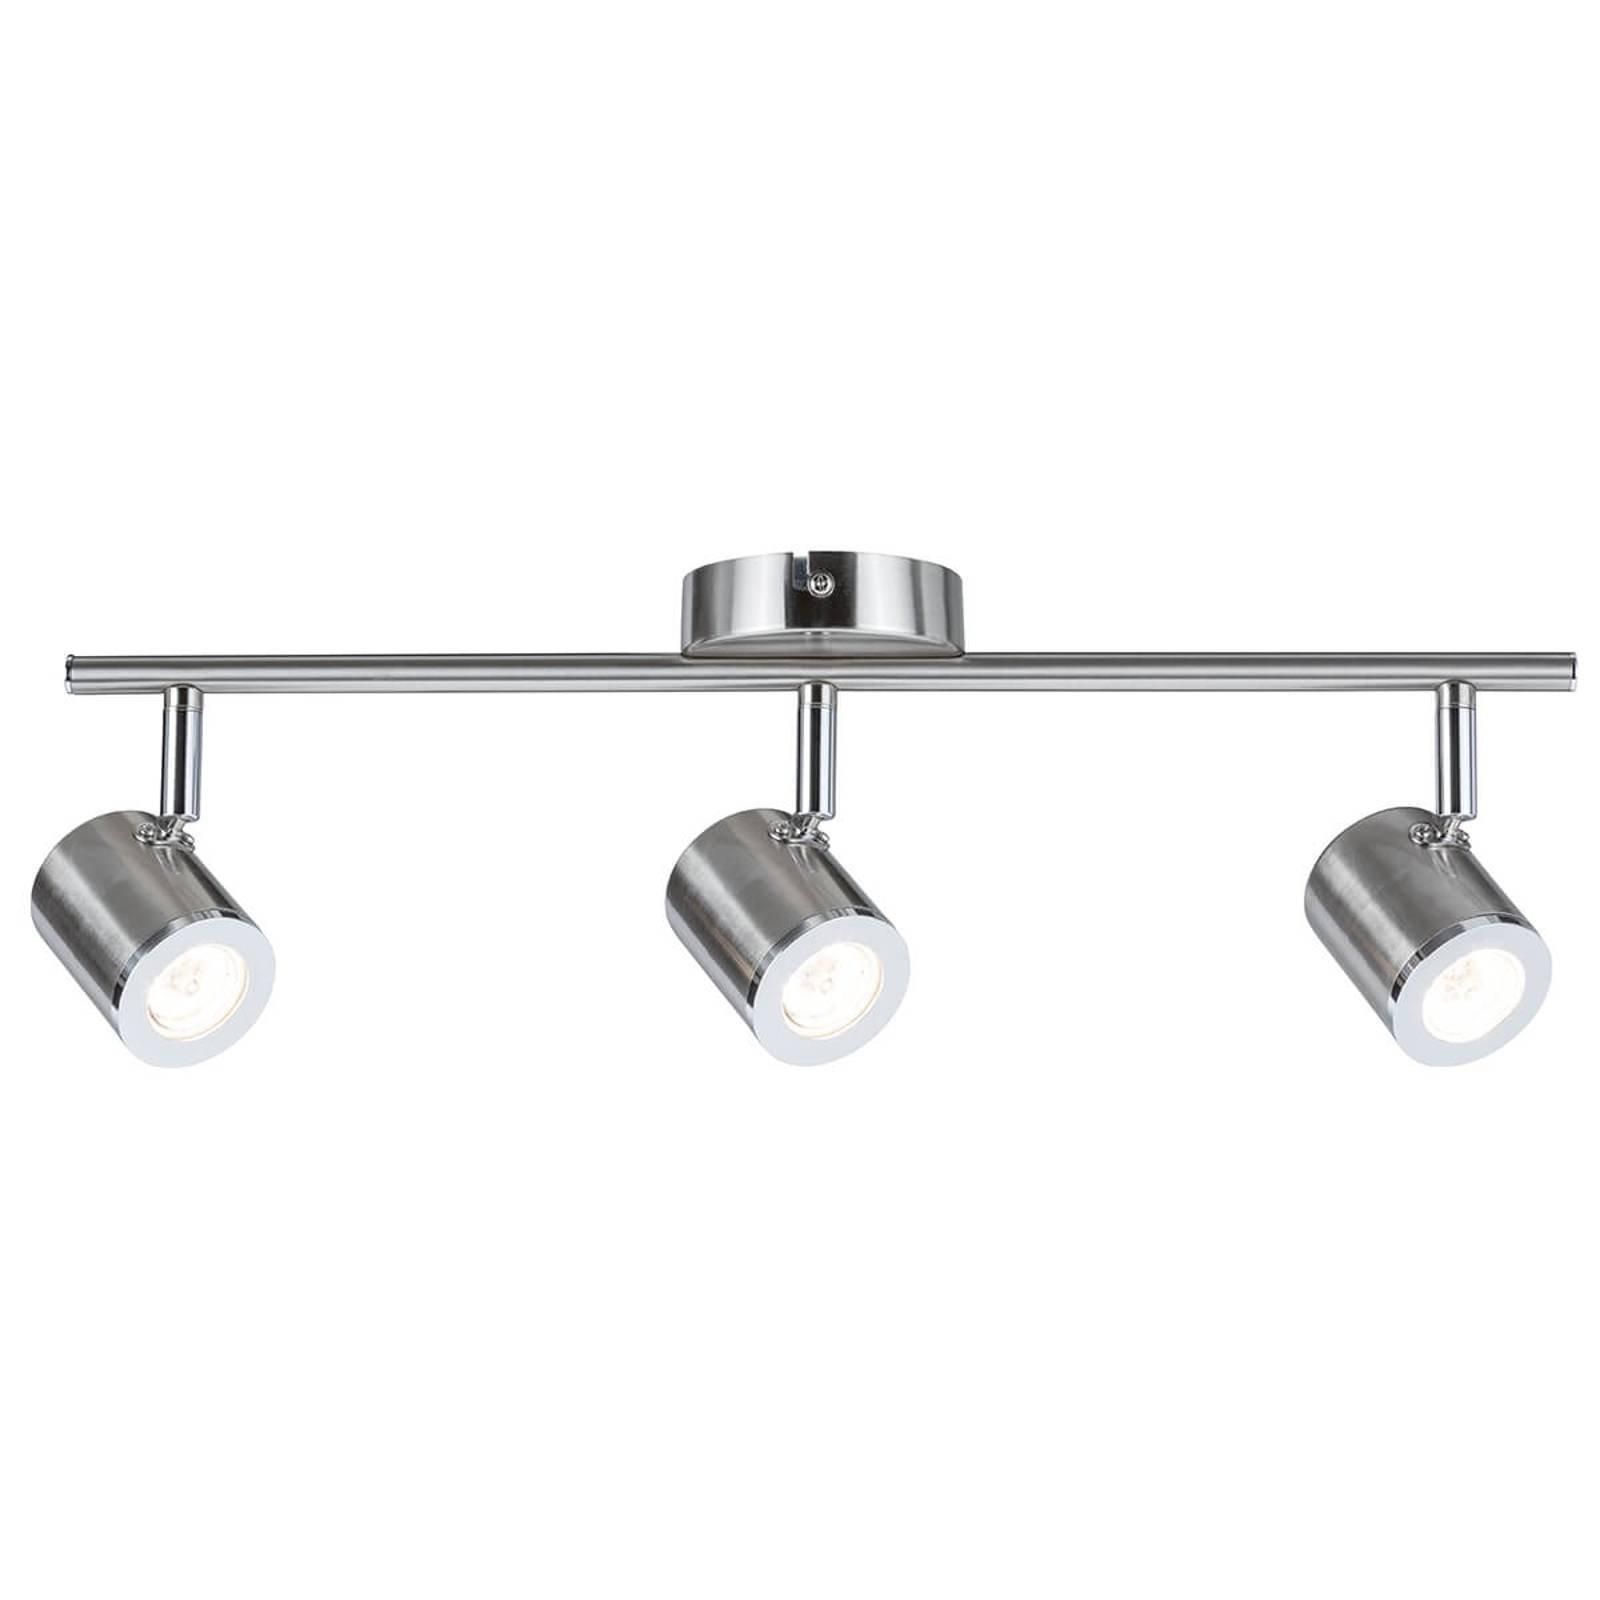 LED taklampe Tumbler med 3 lyskilder